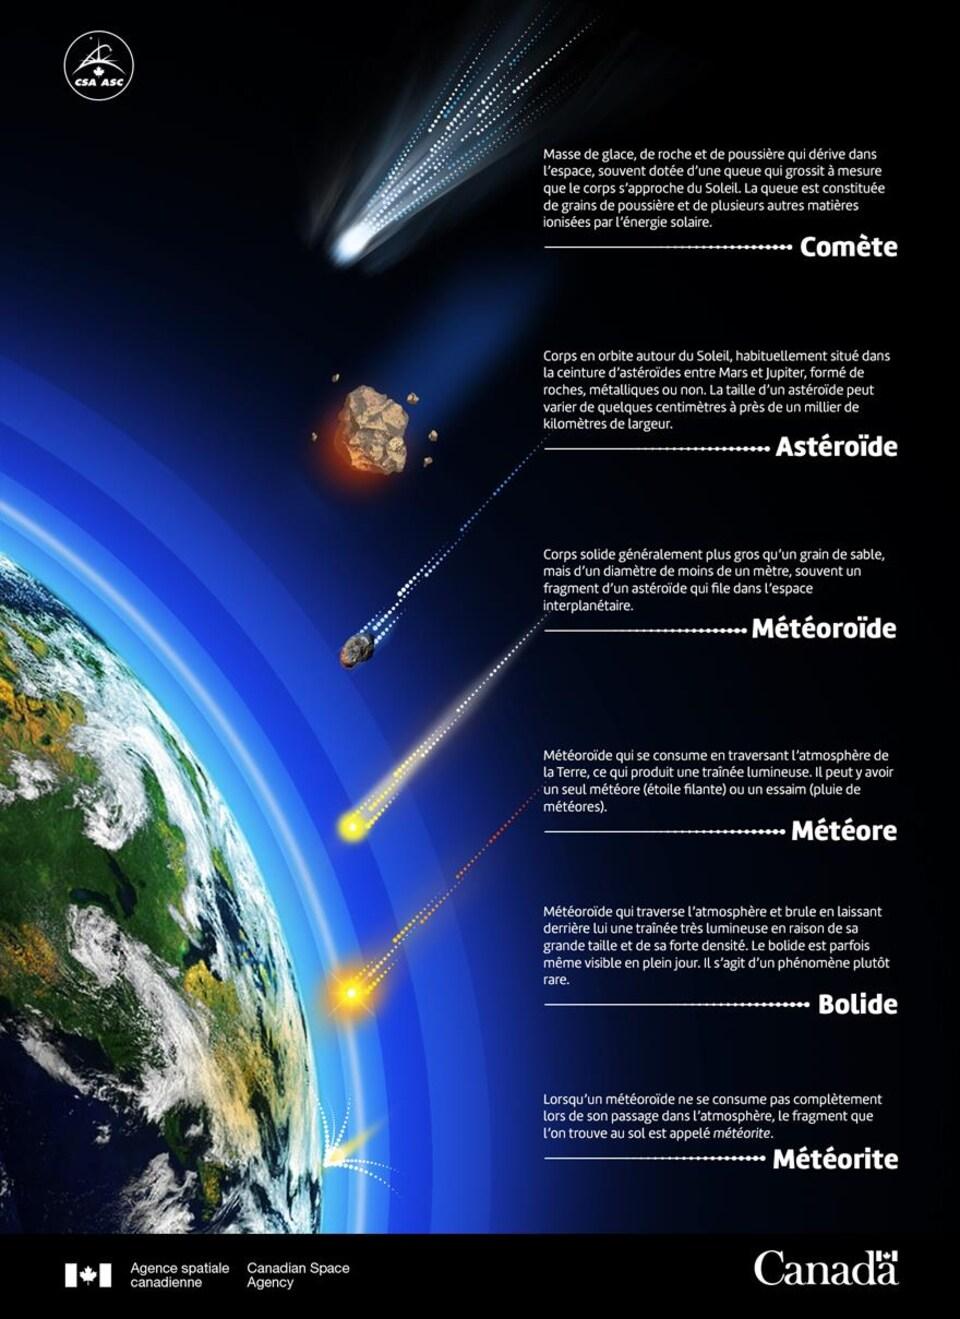 Graphique où l'on montre les différentes étapes des corps célestes lorsqu'ils pénètrent dans notre atmosphère.